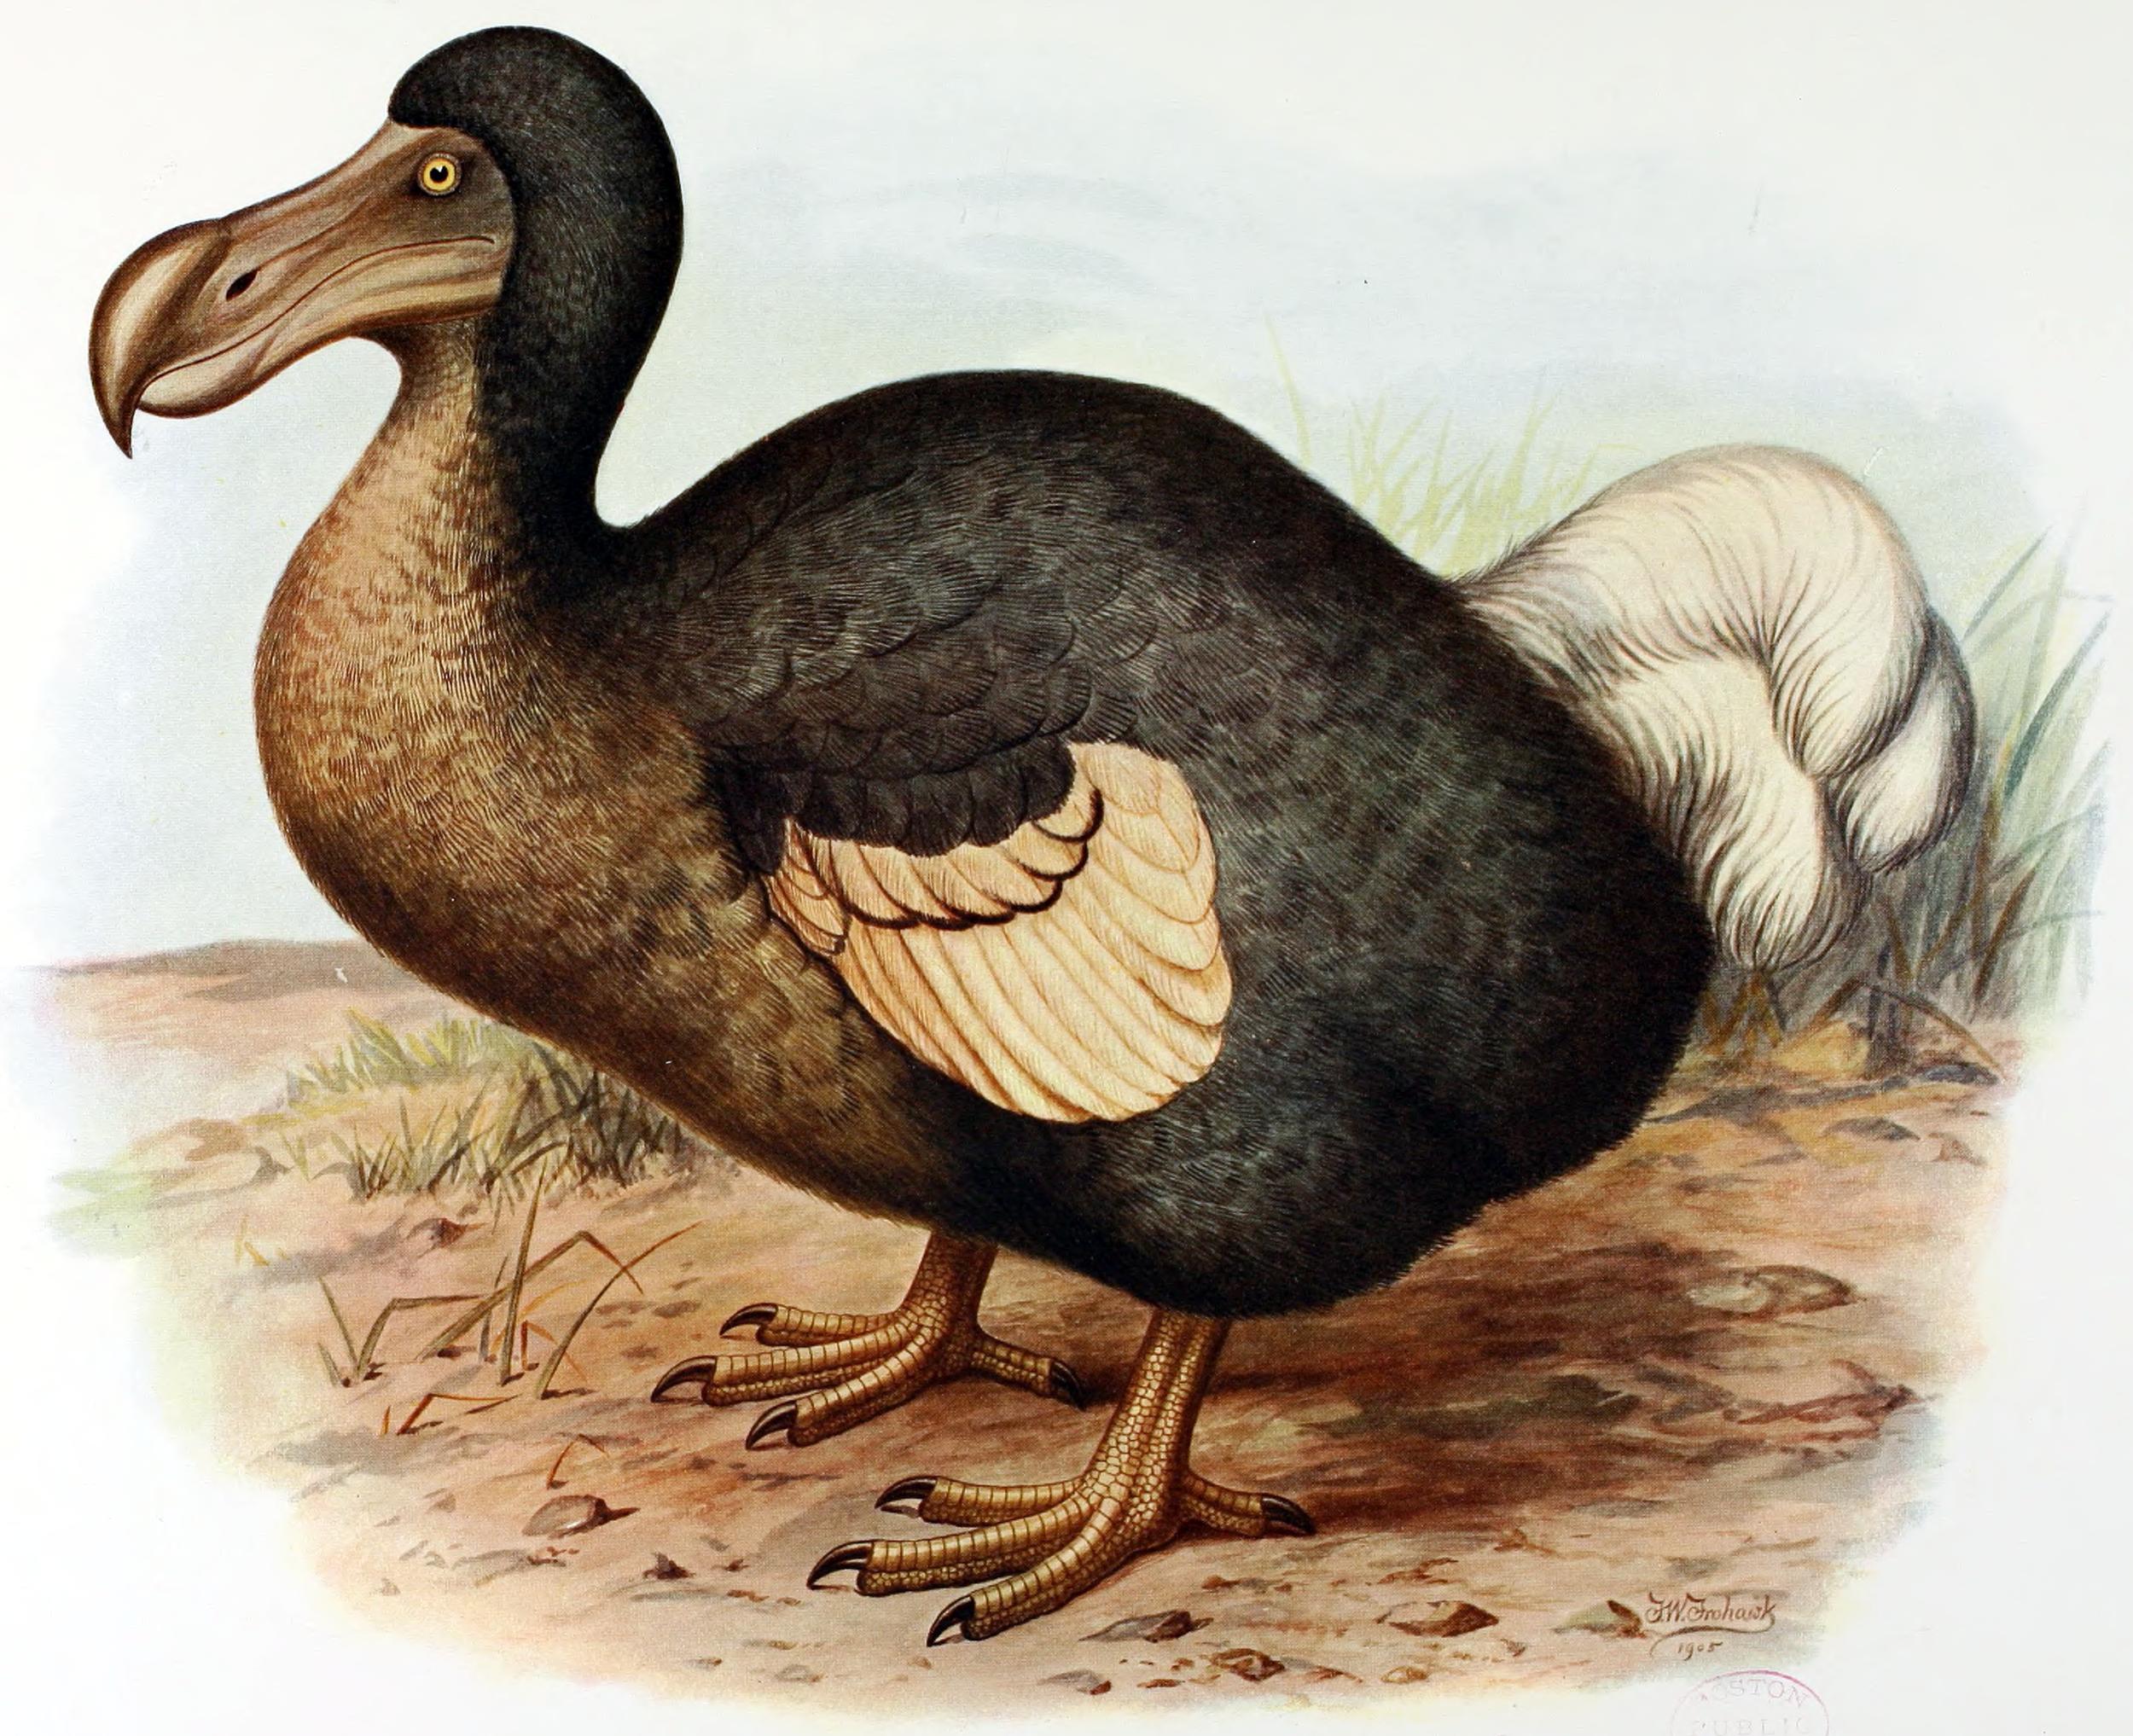 Dodo's were killed off from Dutch jizz aparently